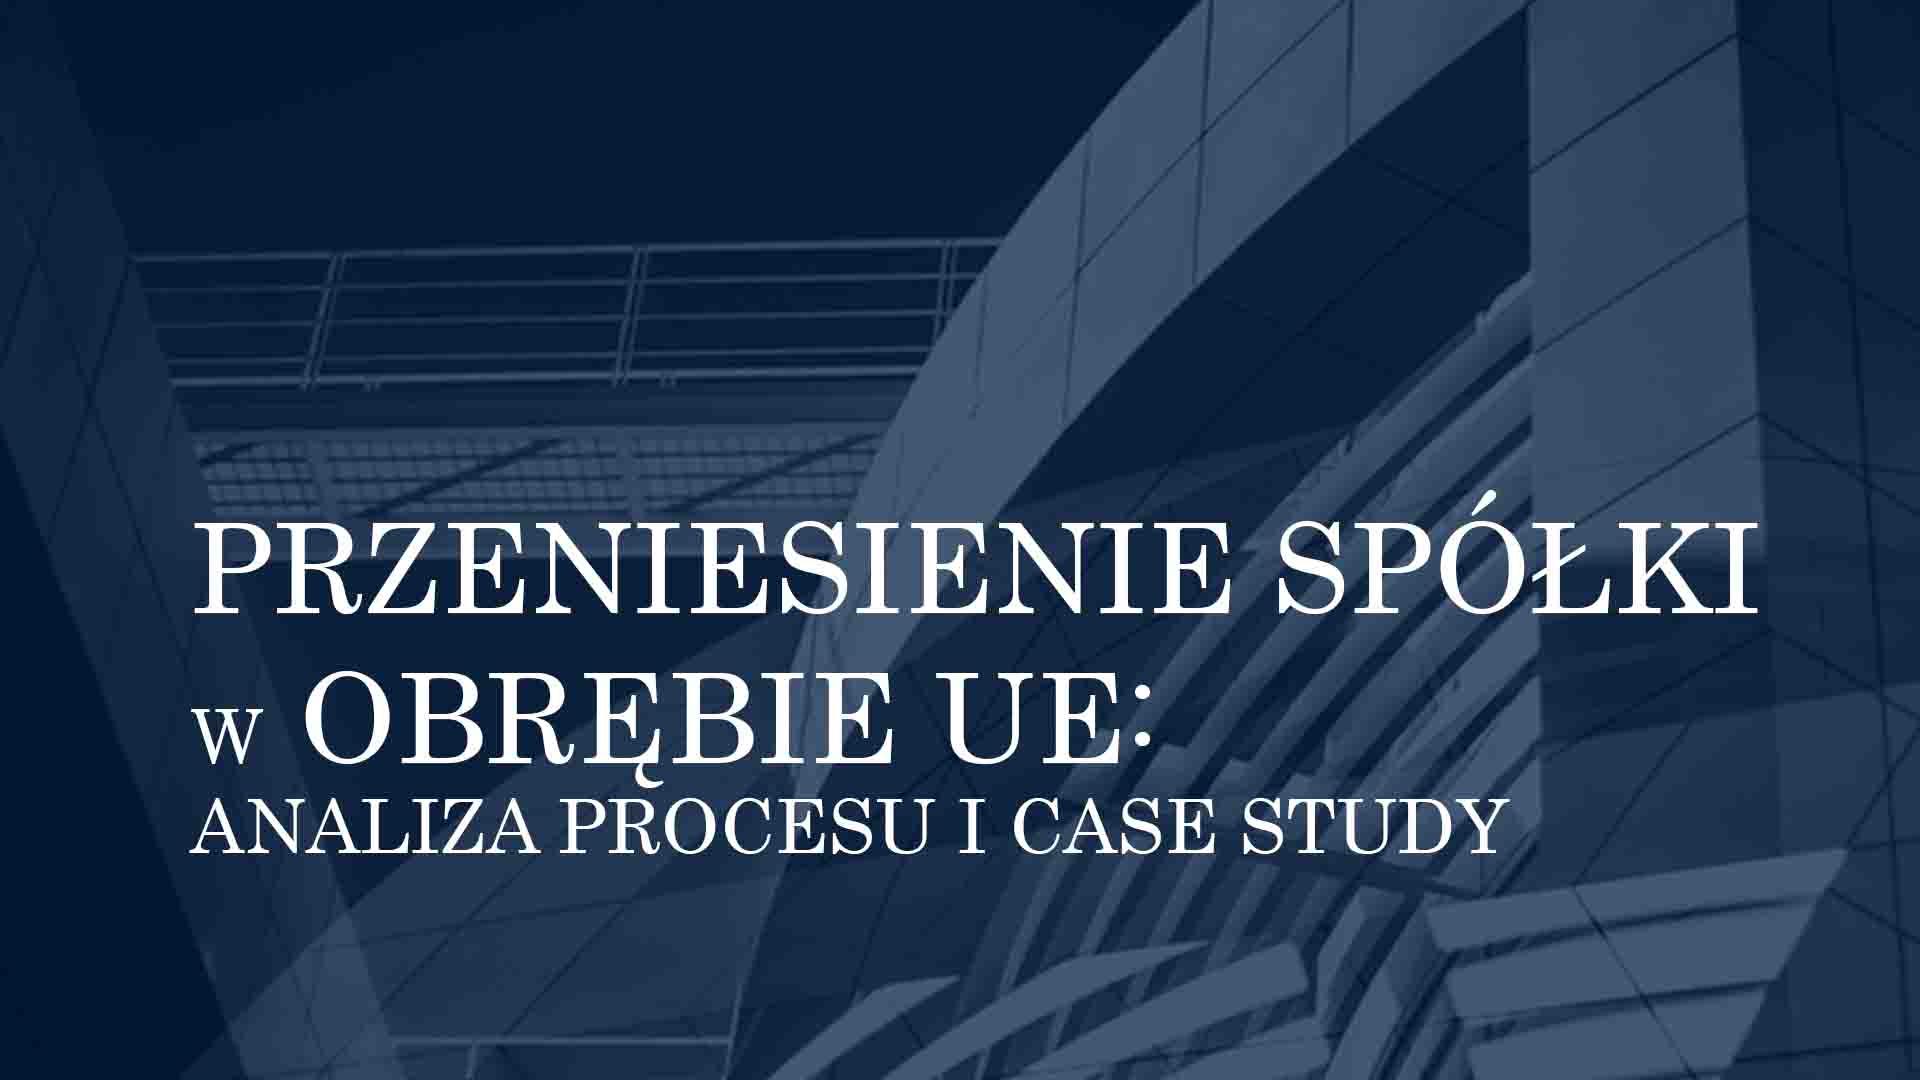 PRZENIESIENIE SPÓŁKI W OBRĘBIE UE: ANALIZA PROCESU I CASE STUDY